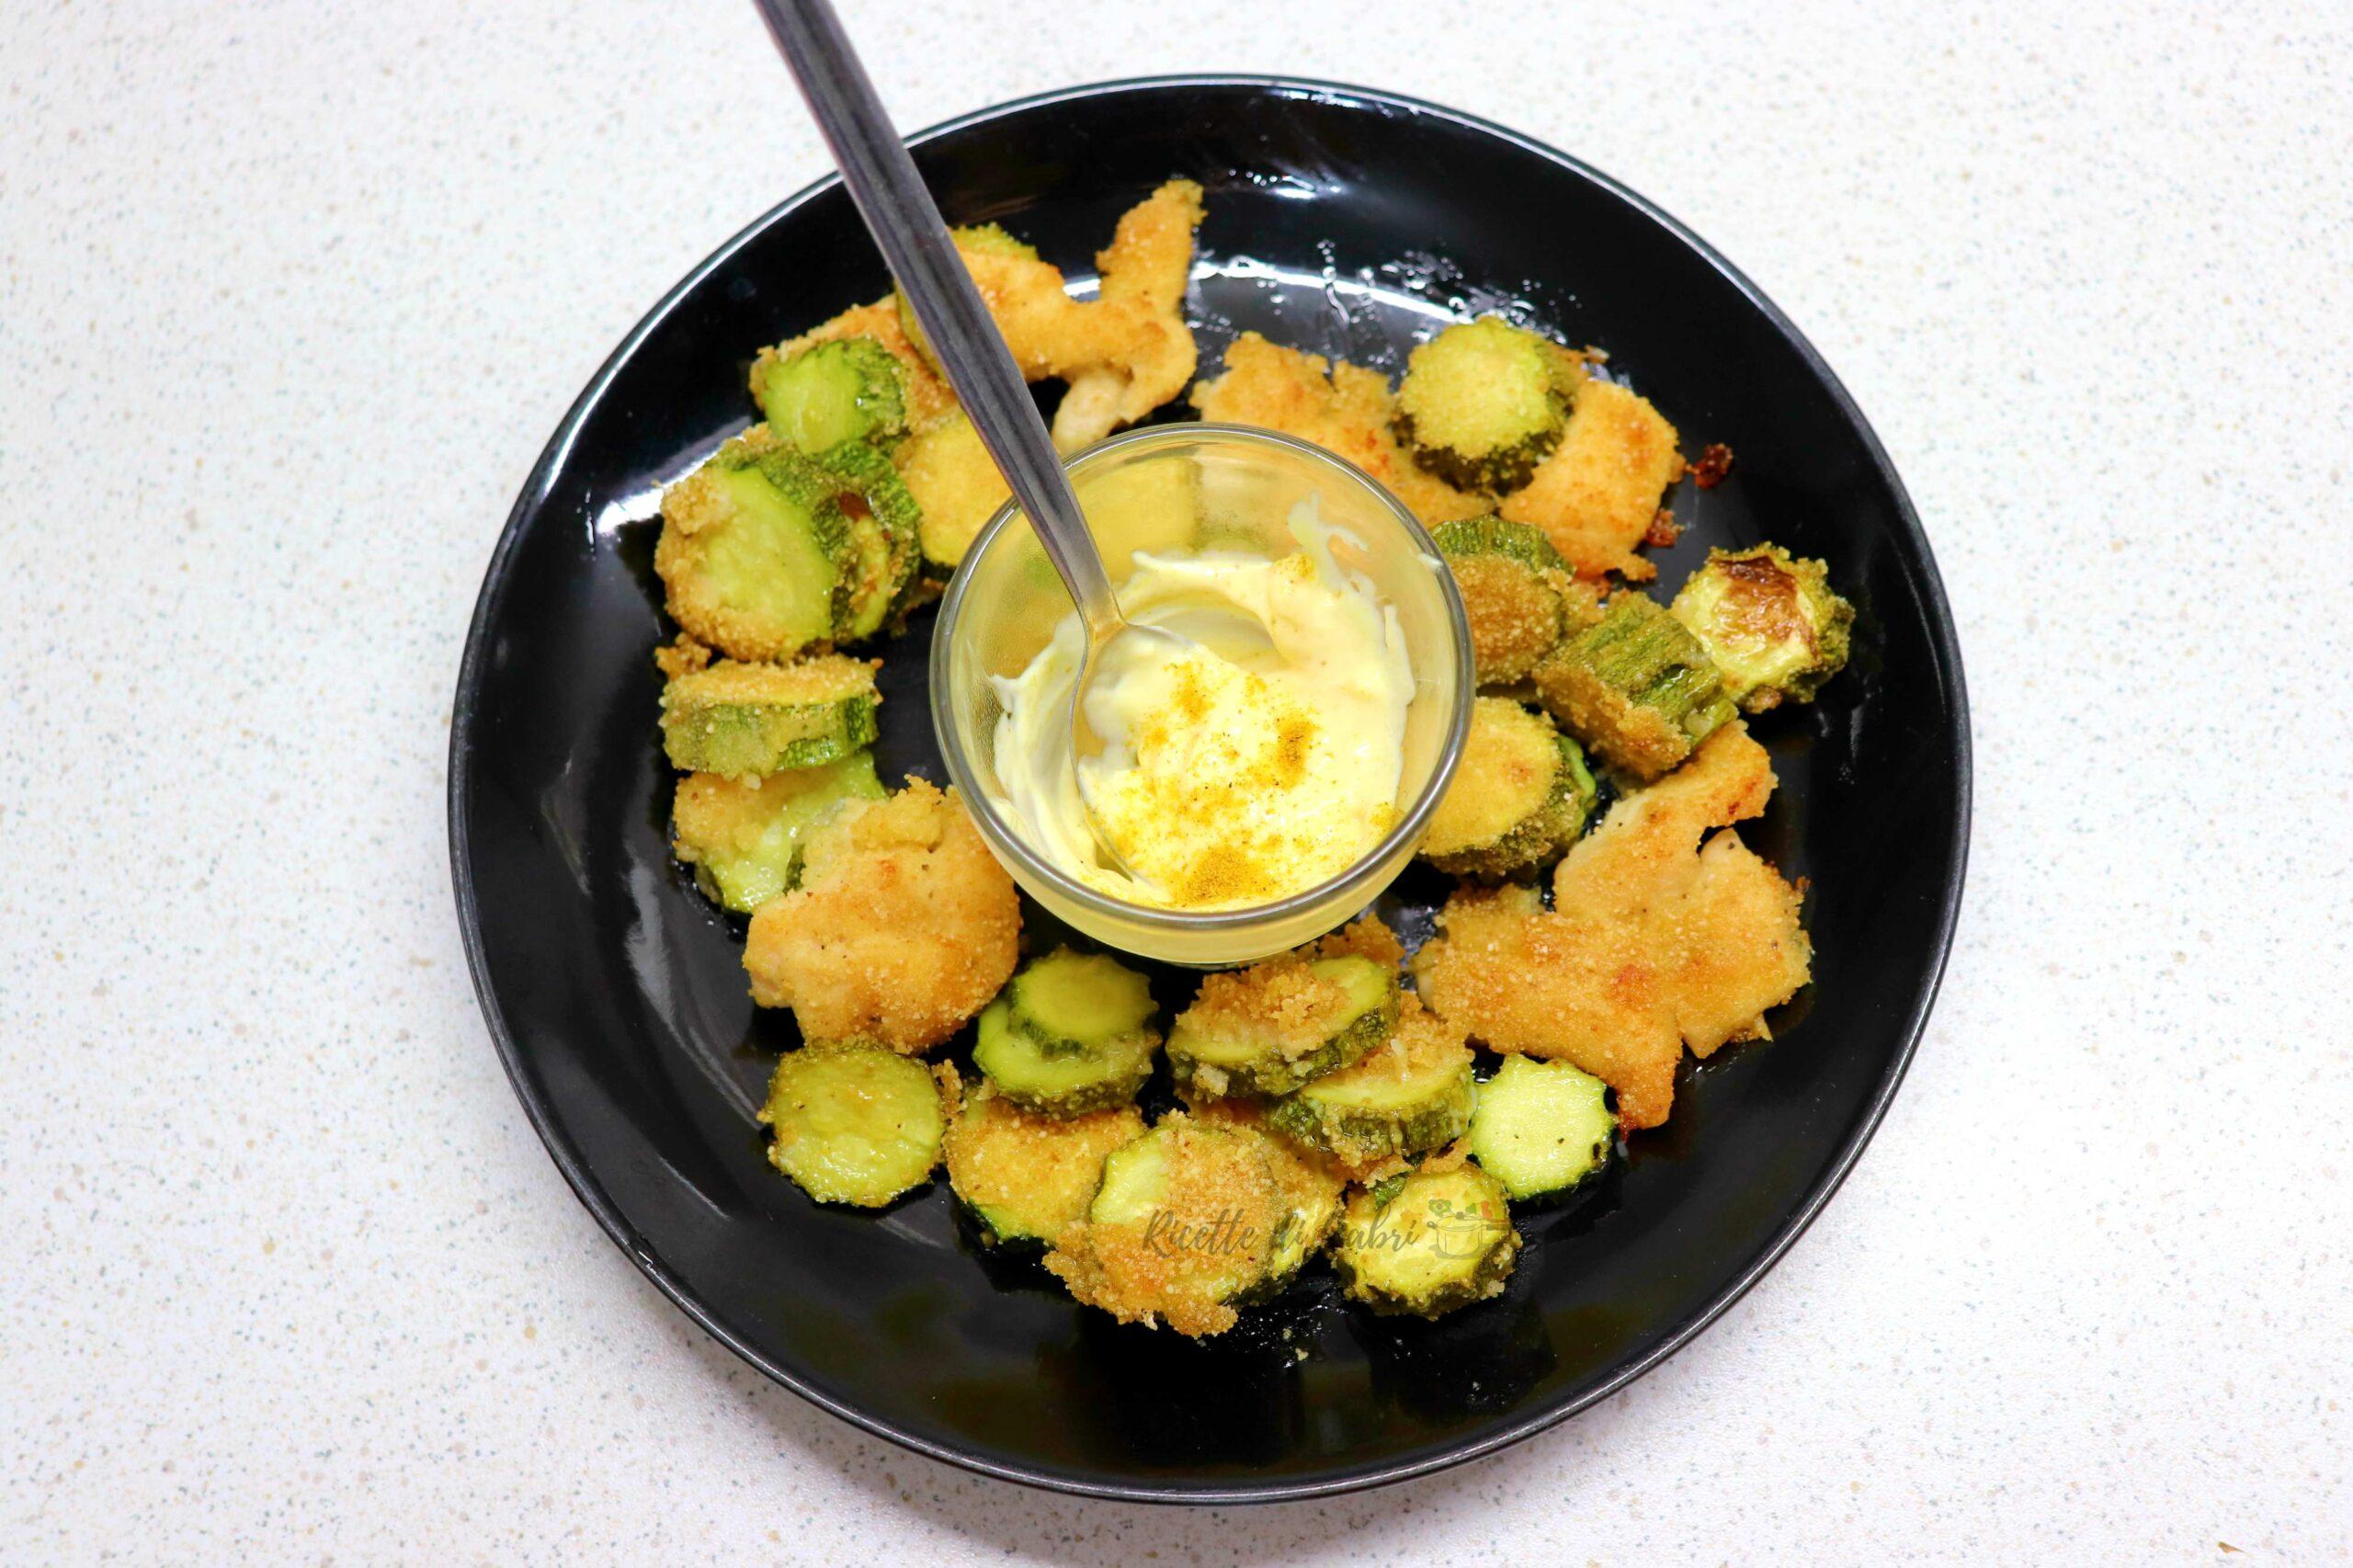 bocconcini di petto di pollo e zucchine al forno secondo facile veloce ricetta di gabri